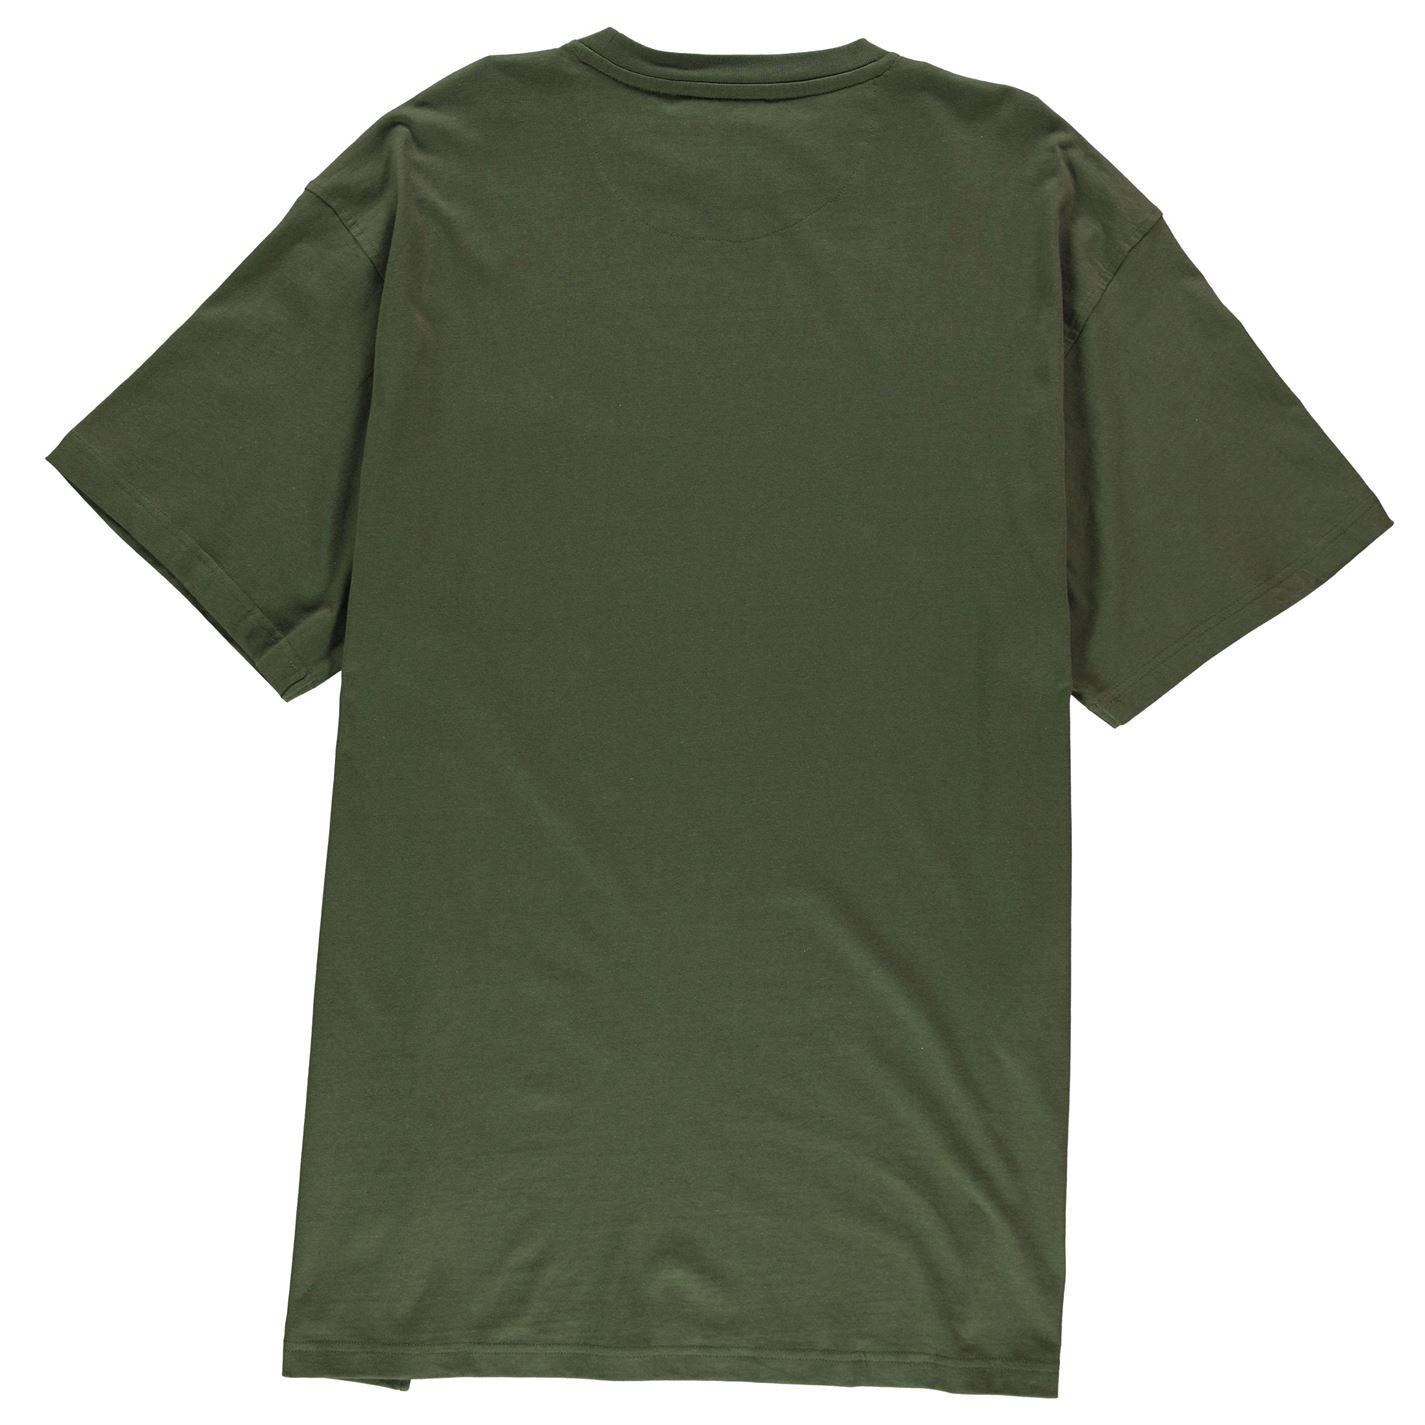 Pierre-Cardin-Uomo-C-XL-CREW-TEE-Collo-Camicia miniatura 14